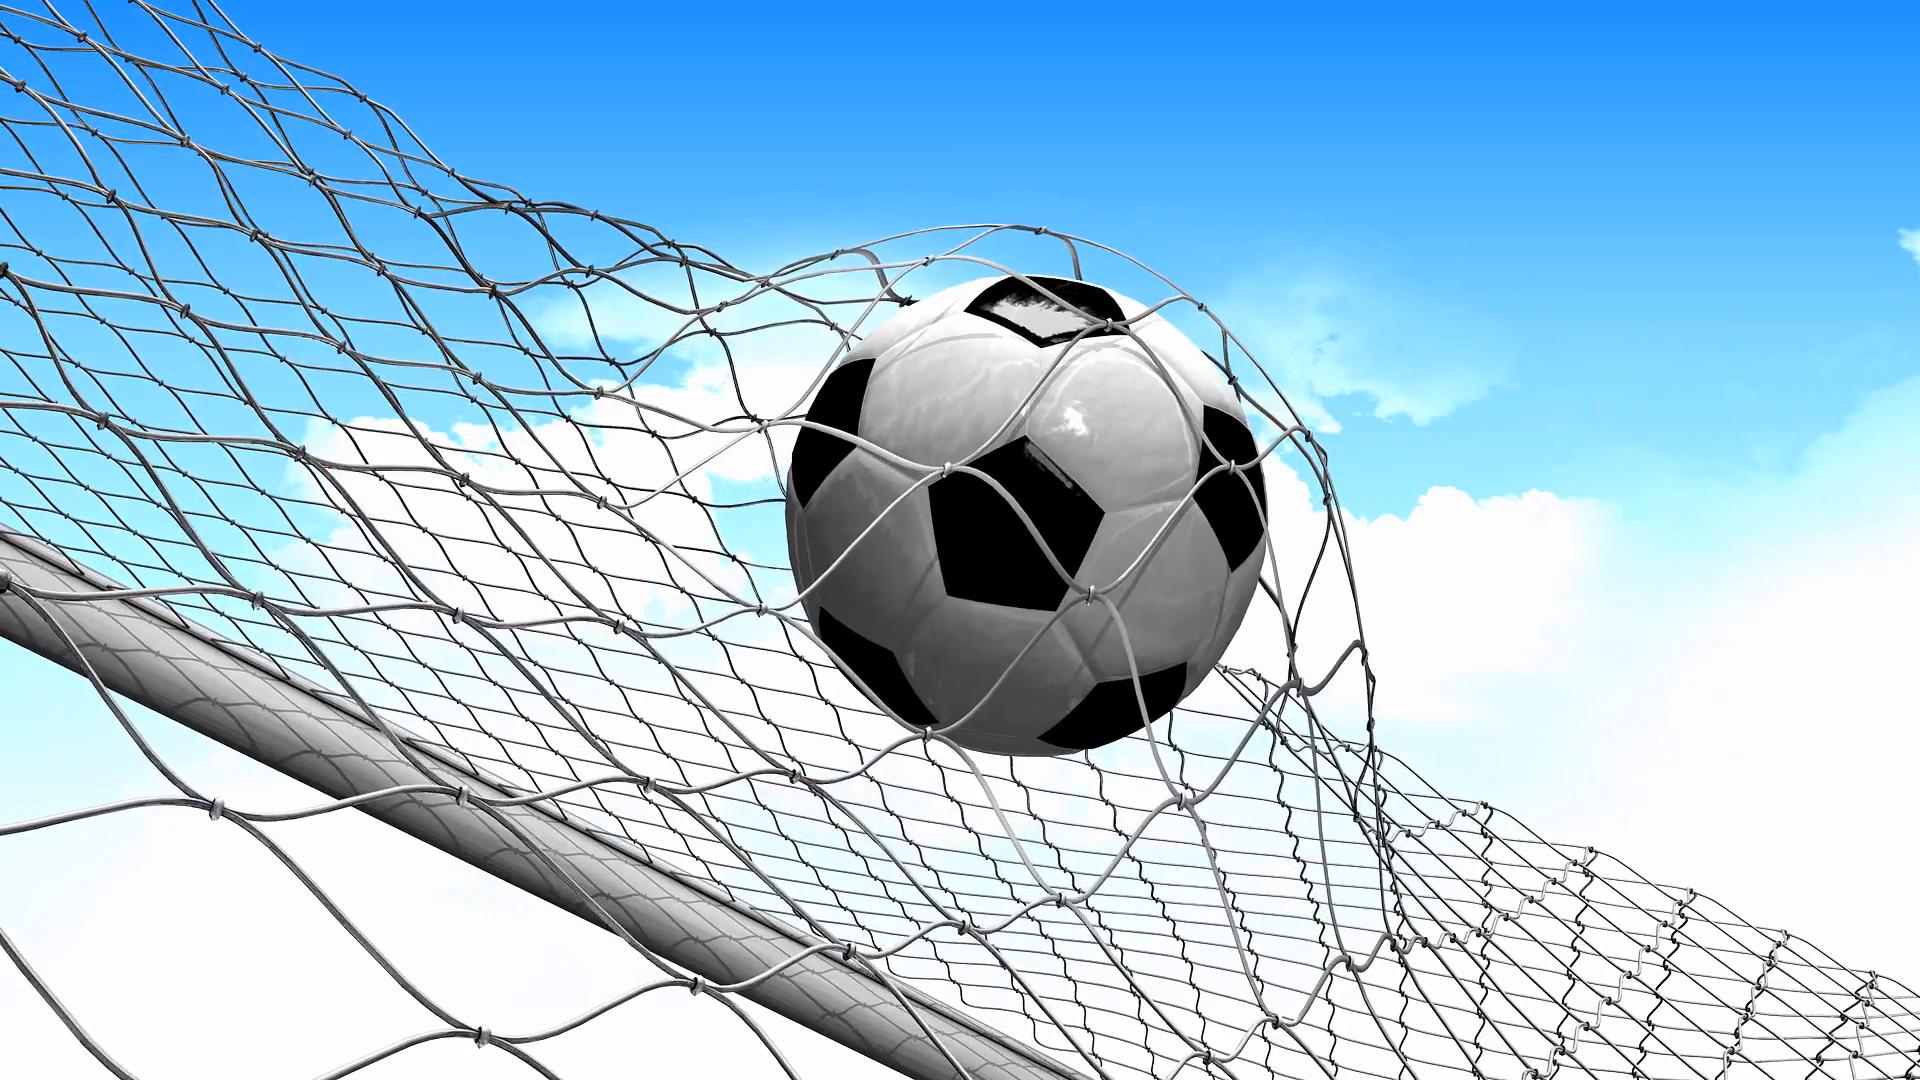 Scoring A Goal PNG